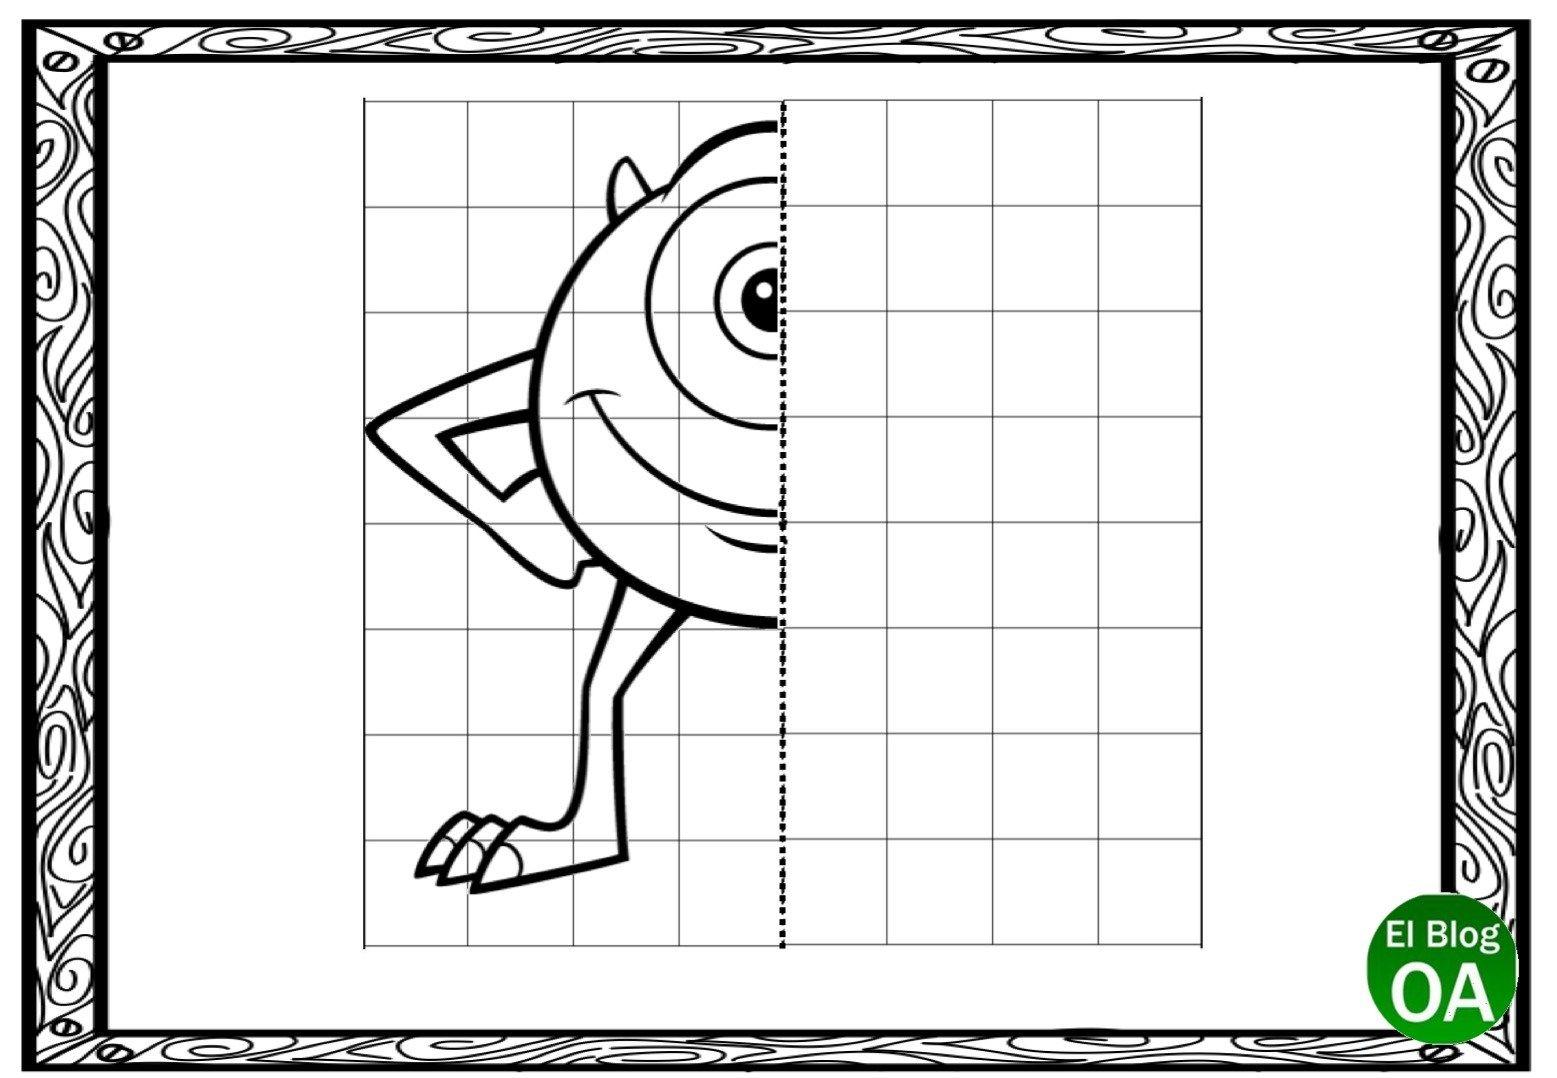 Trabajamos La Lateralidad Con Estas Fichas De Dibujar Simetricos En Cuadricula Orientacion Andujar Dibujos En Cuadricula Fichas Cuadricula